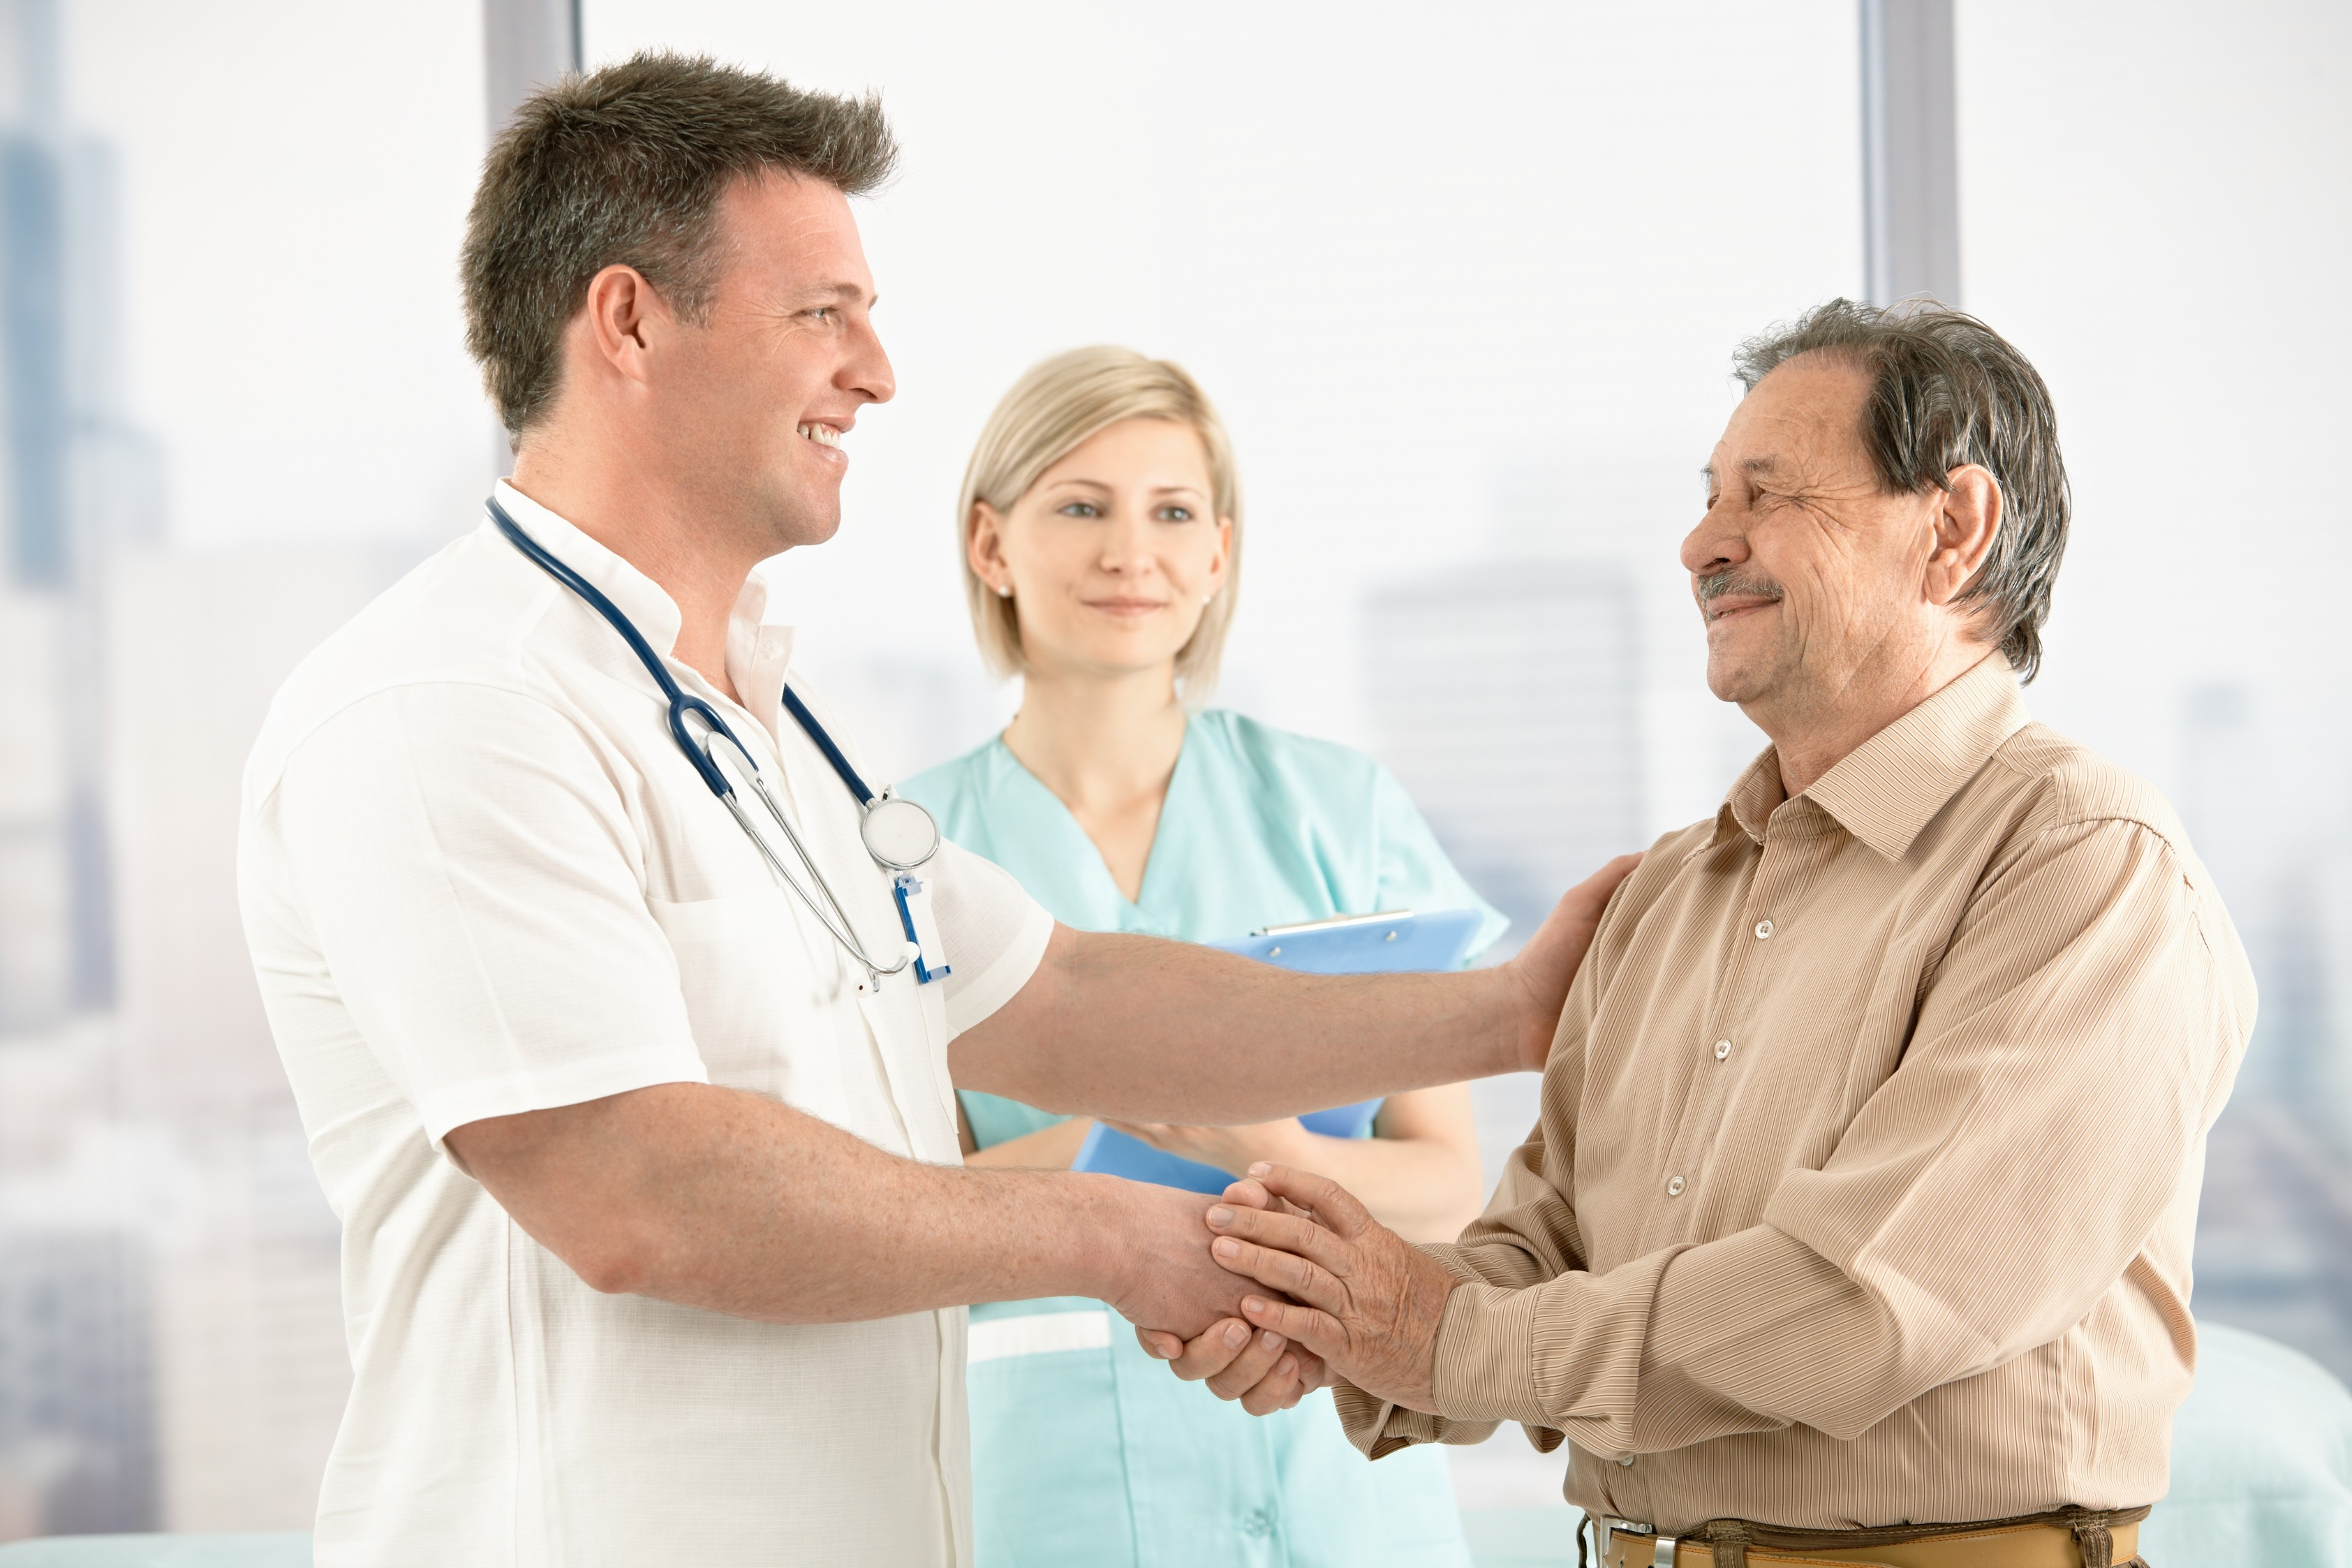 Картинки врача с пациентом